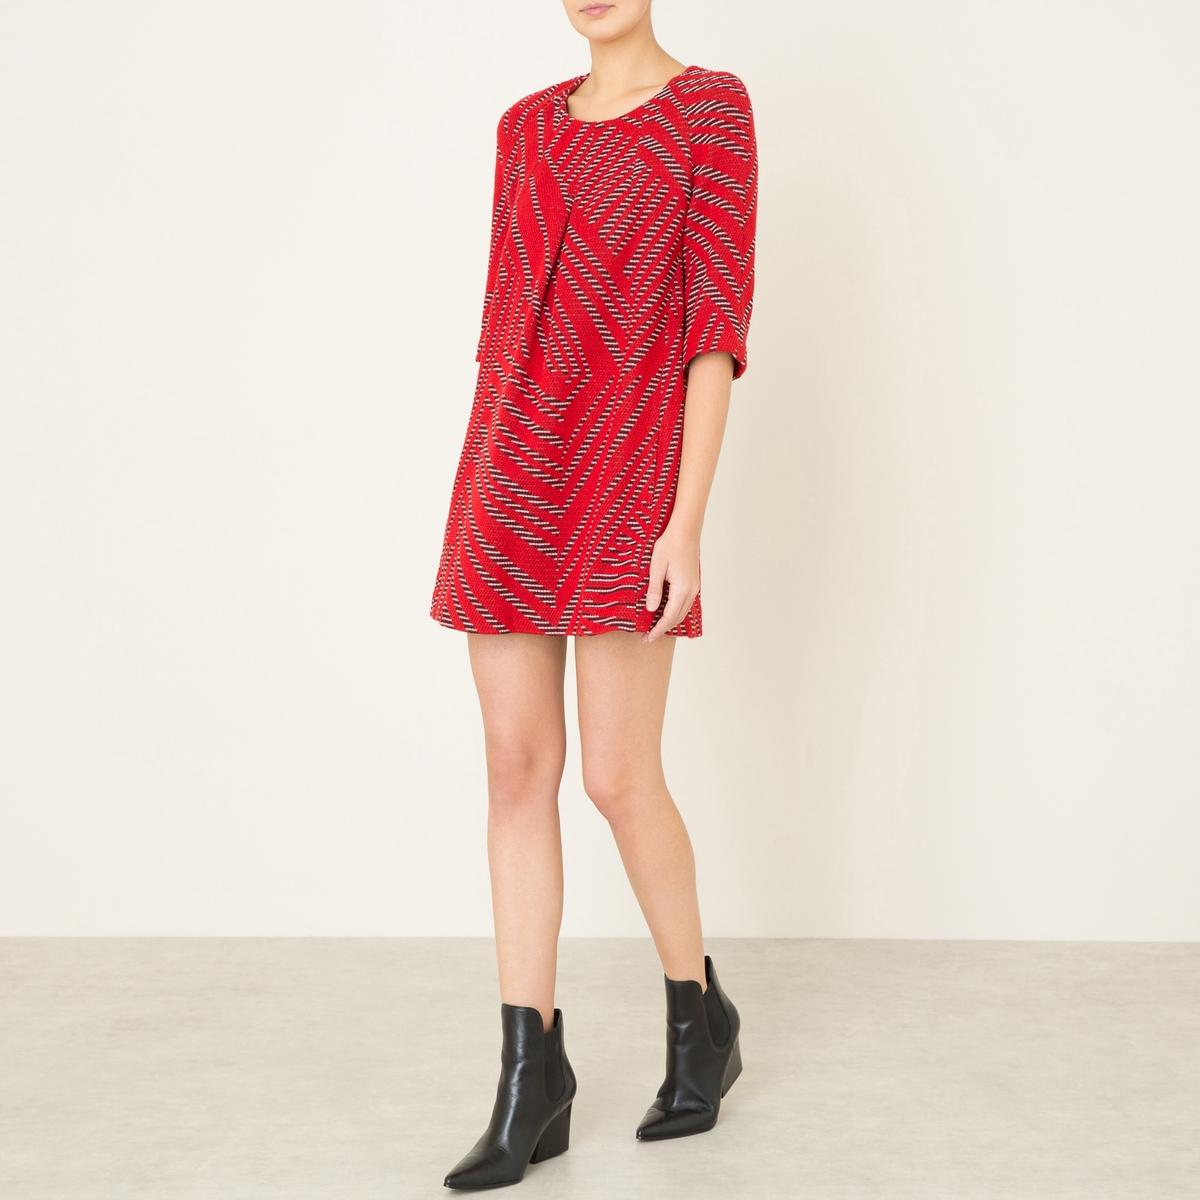 Платье короткое TALWEGСостав и описание    Материал : 55% необработанной шерсти, 18% полиамида, 16% хлопка, 7% вискозы, 4% других волокон   Длина до середины спины : 79 см   Марка : BA&amp;SH<br><br>Цвет: красный